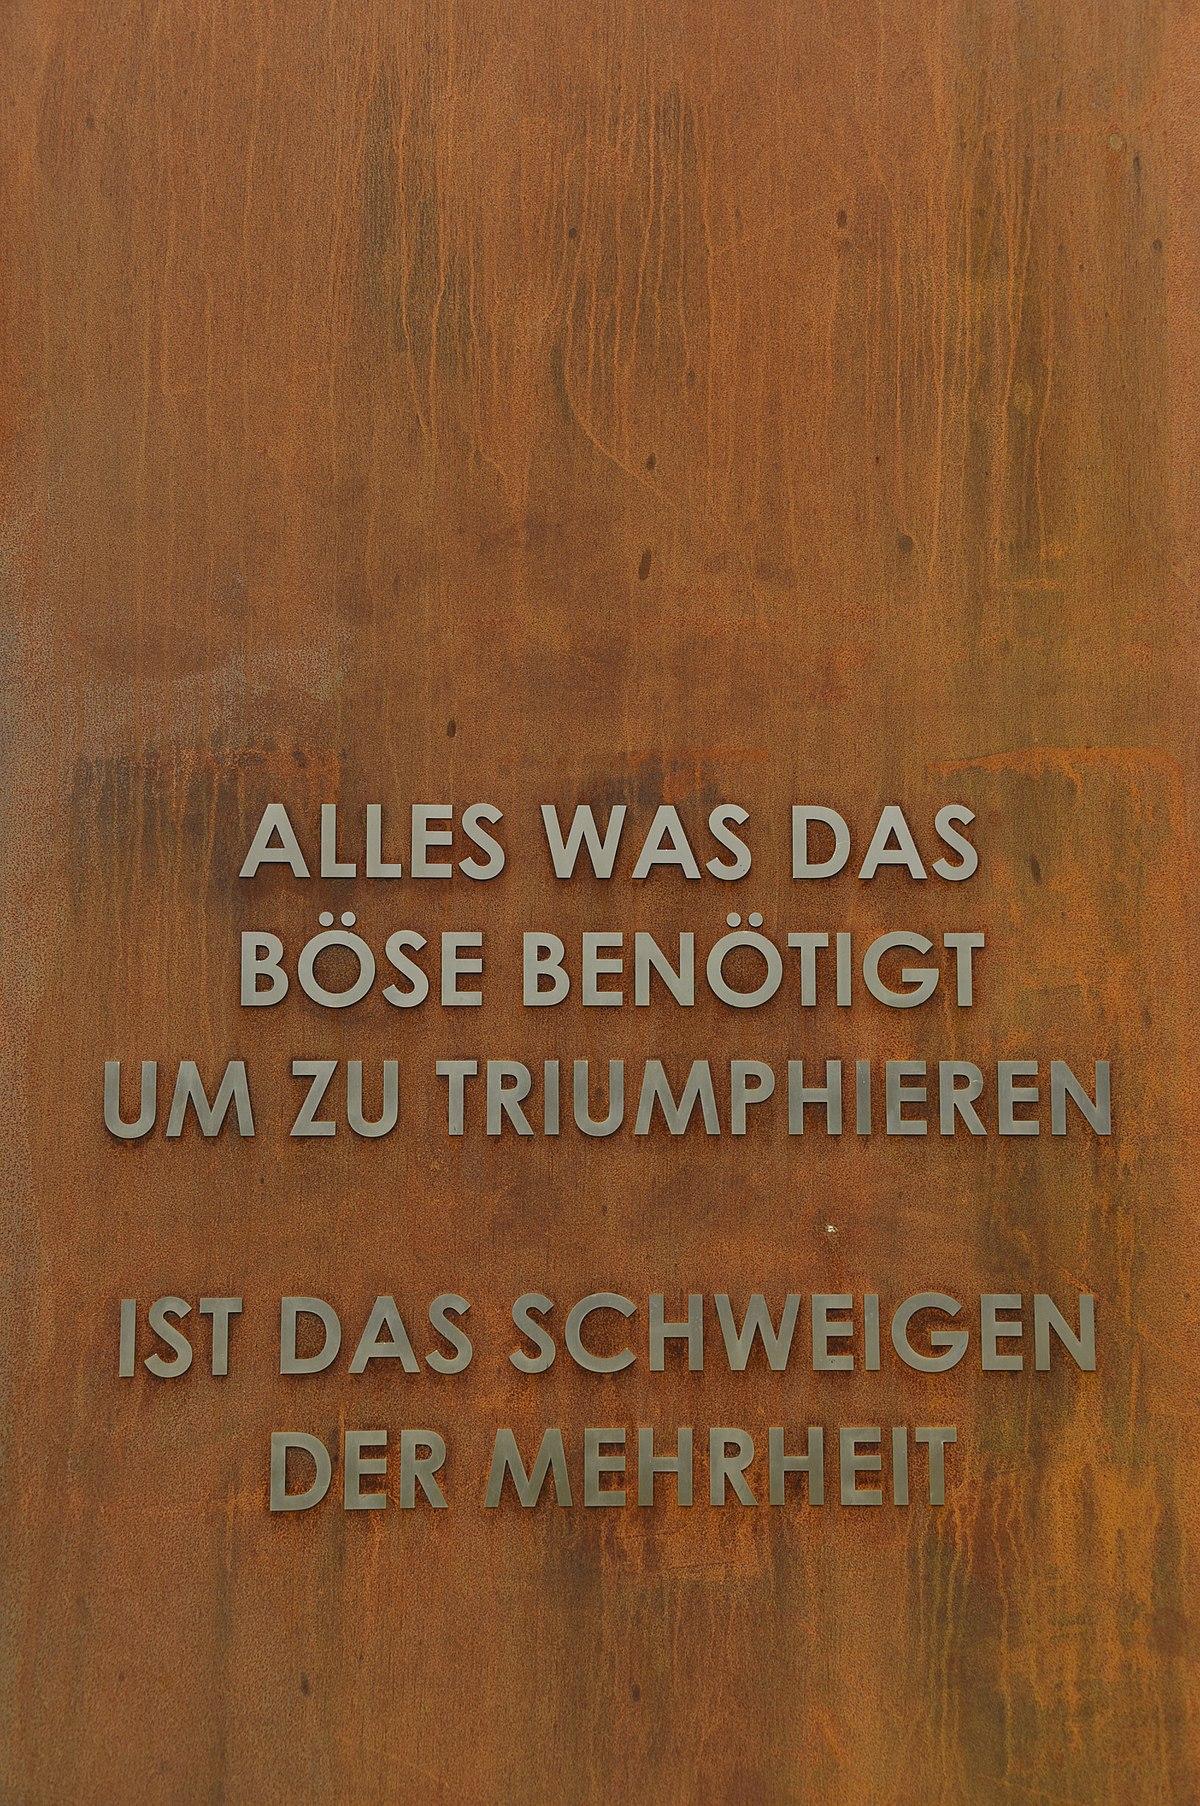 Gedenkstatte Zur Erinnerung An Die Ehemalige Judische Gemeinde Mattersburg Wikipedia